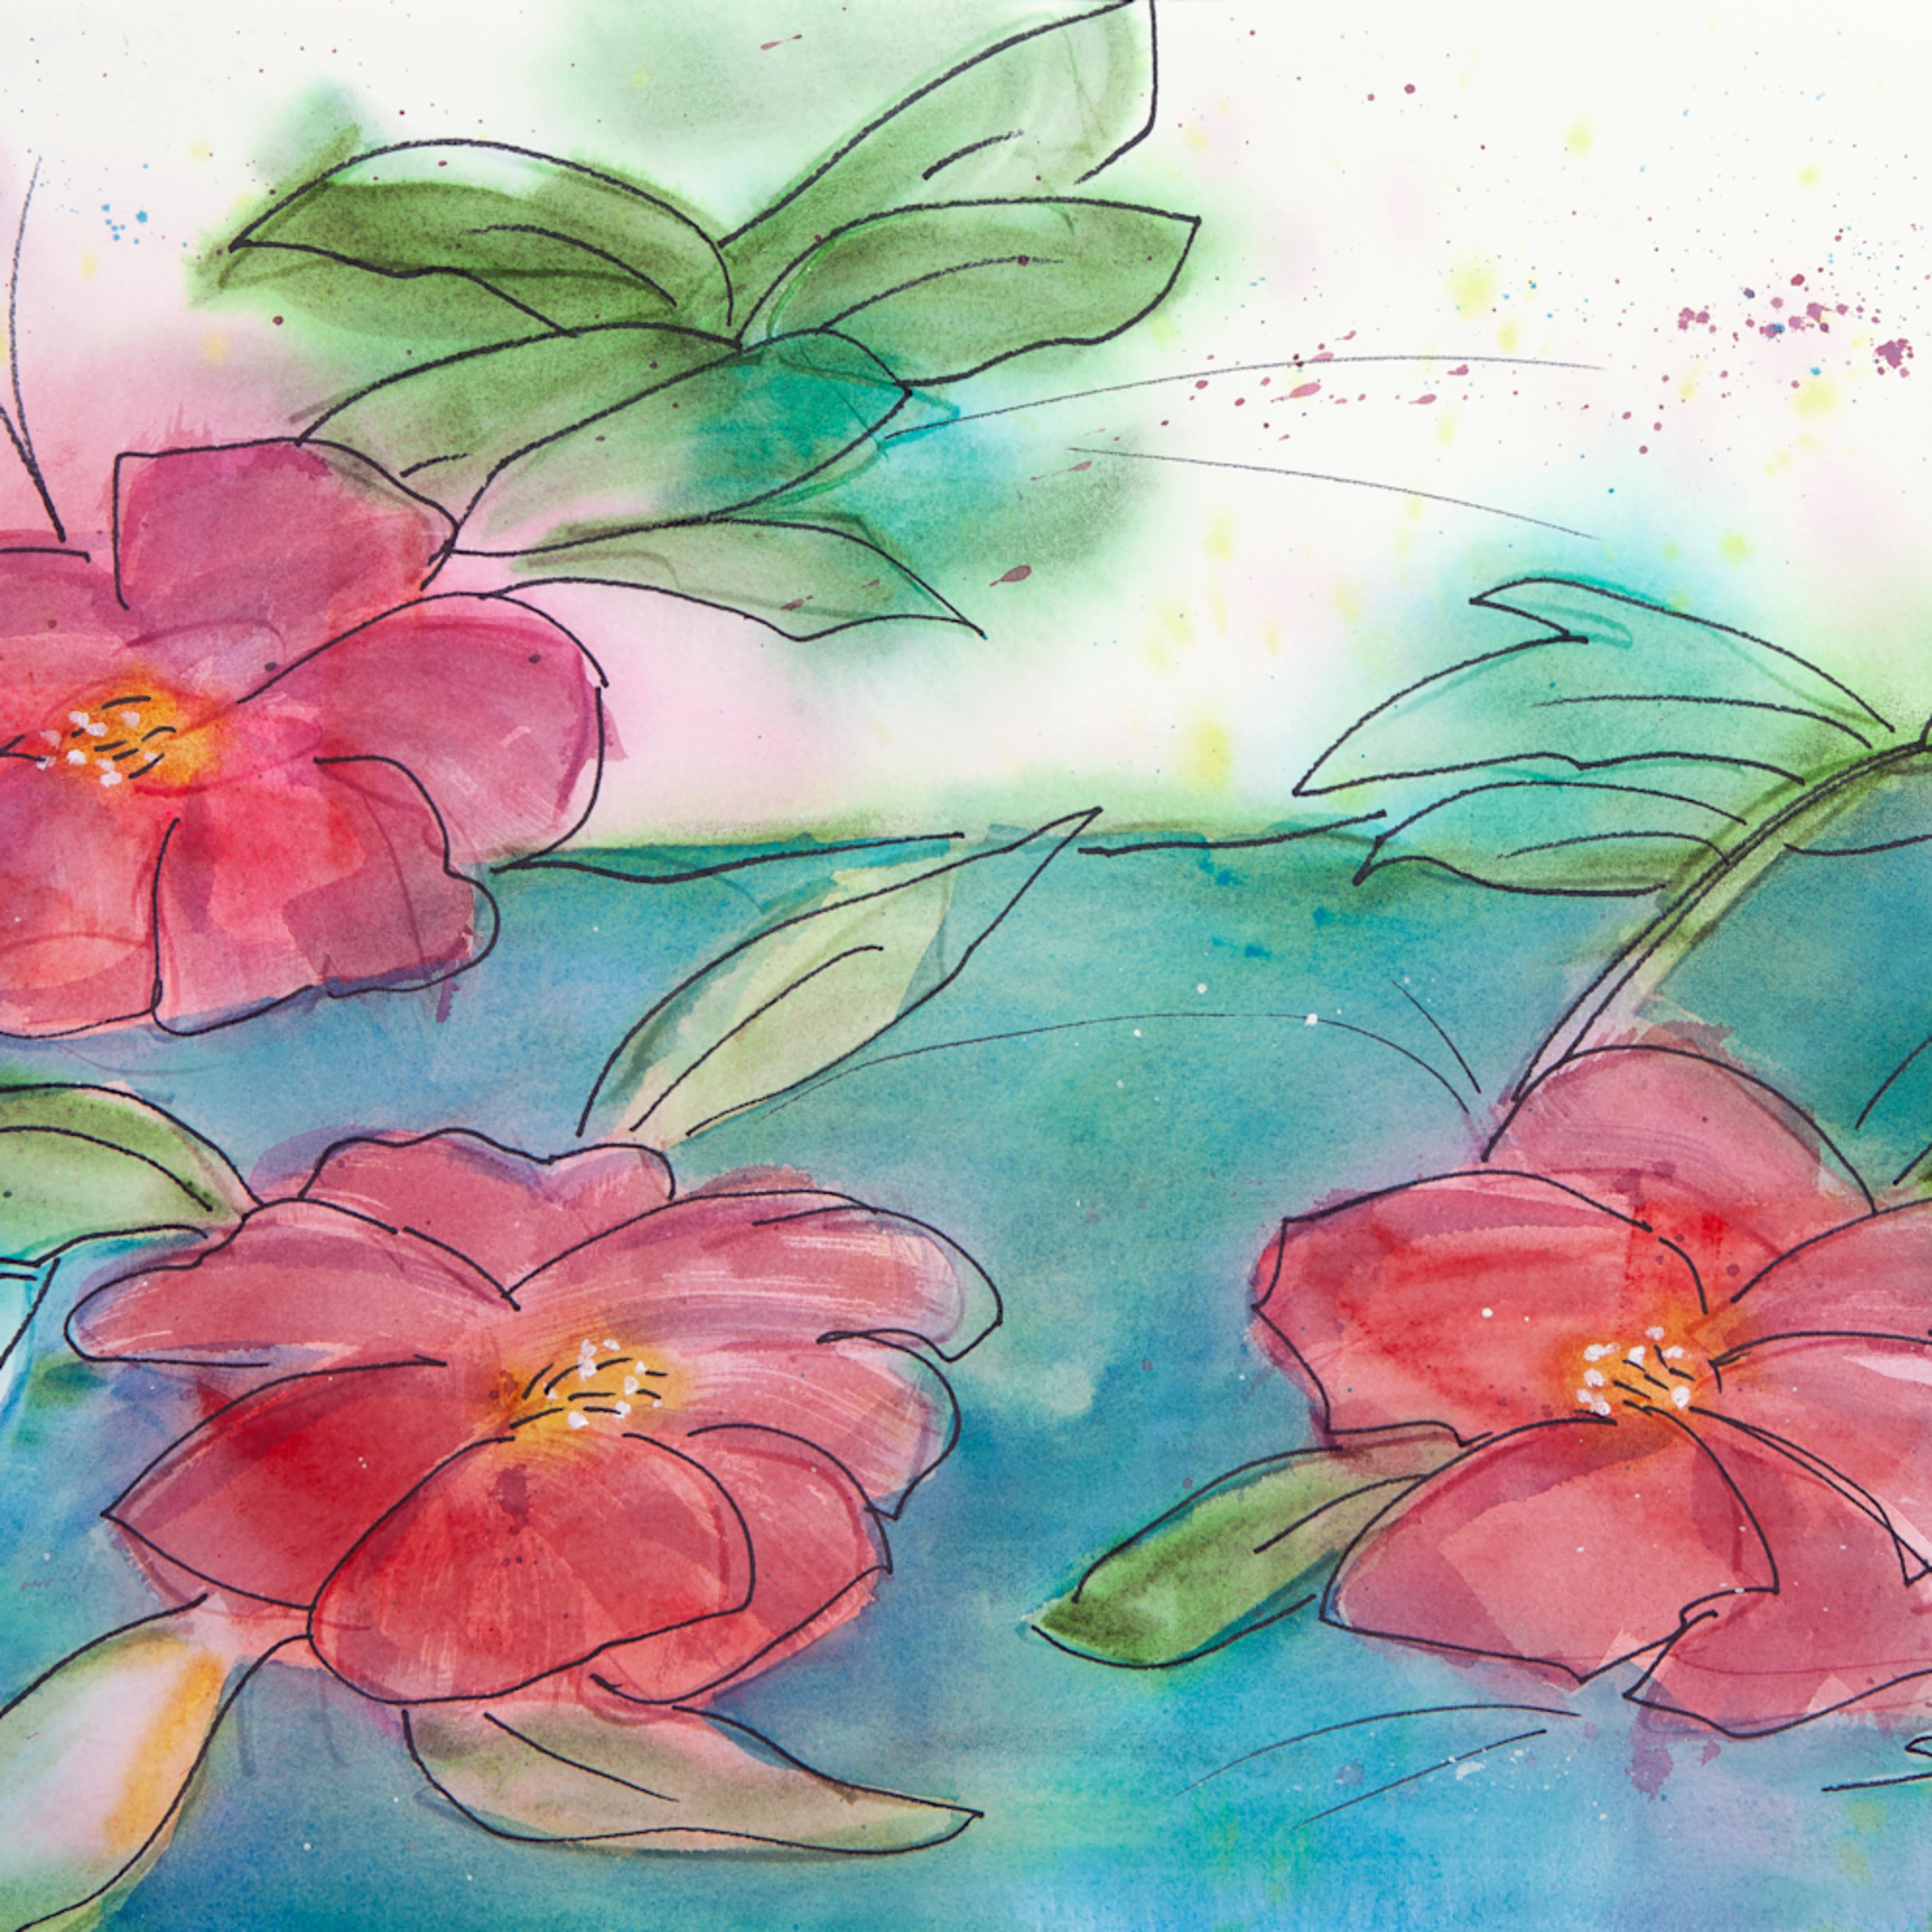 Three camellias wyknyf